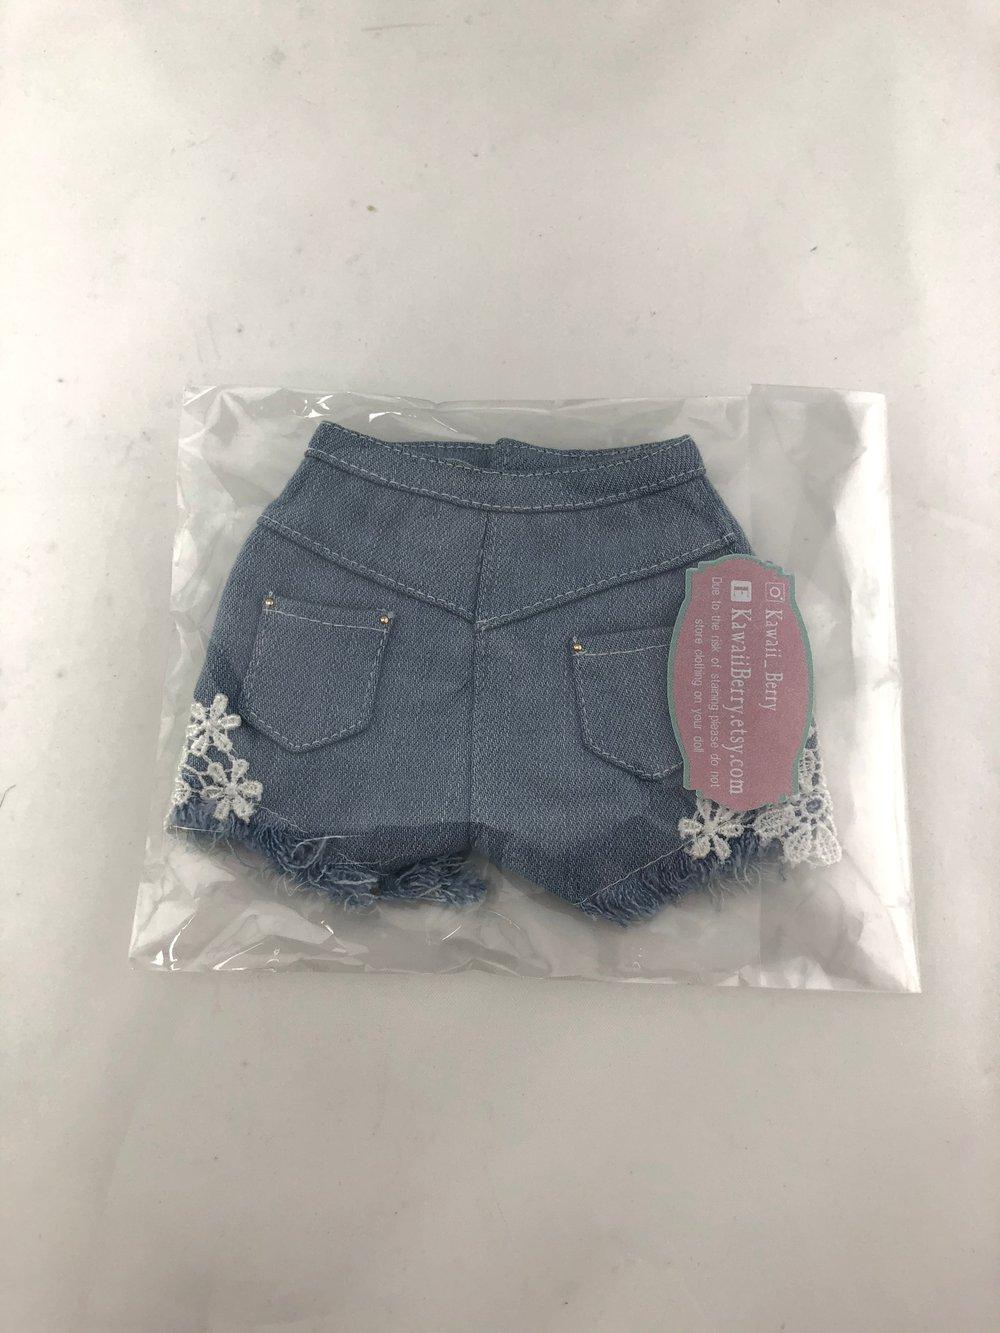 Jean Lace Shorts: Feeple60